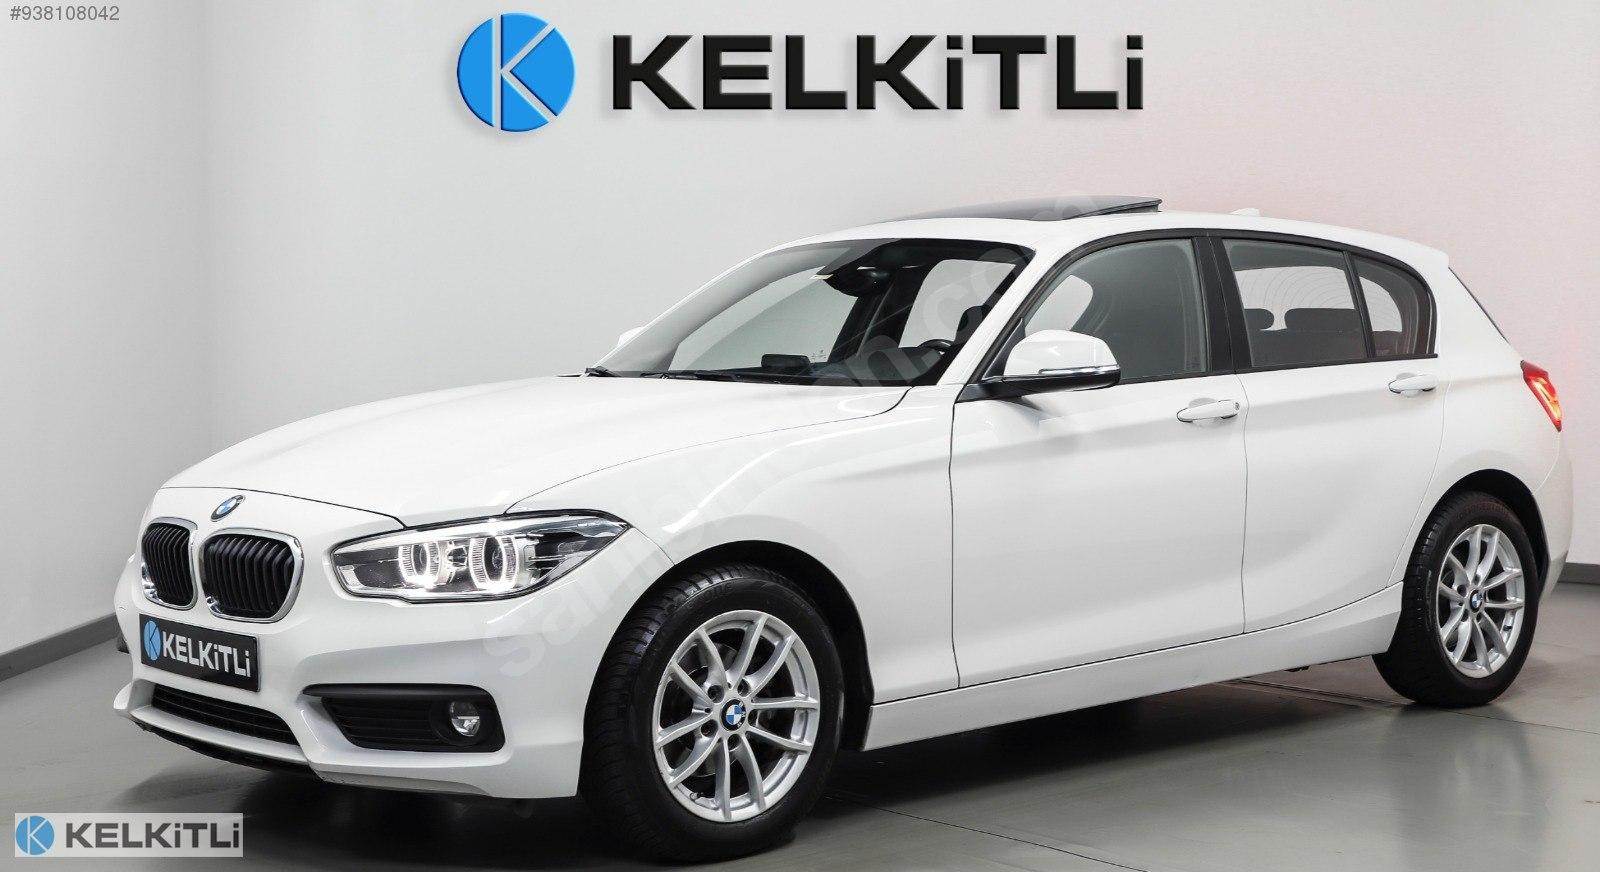 KELKİTLİ OTOMOTİV'DEN BMW 1.16d JOY PLUS SUNROOF BOYASIZ